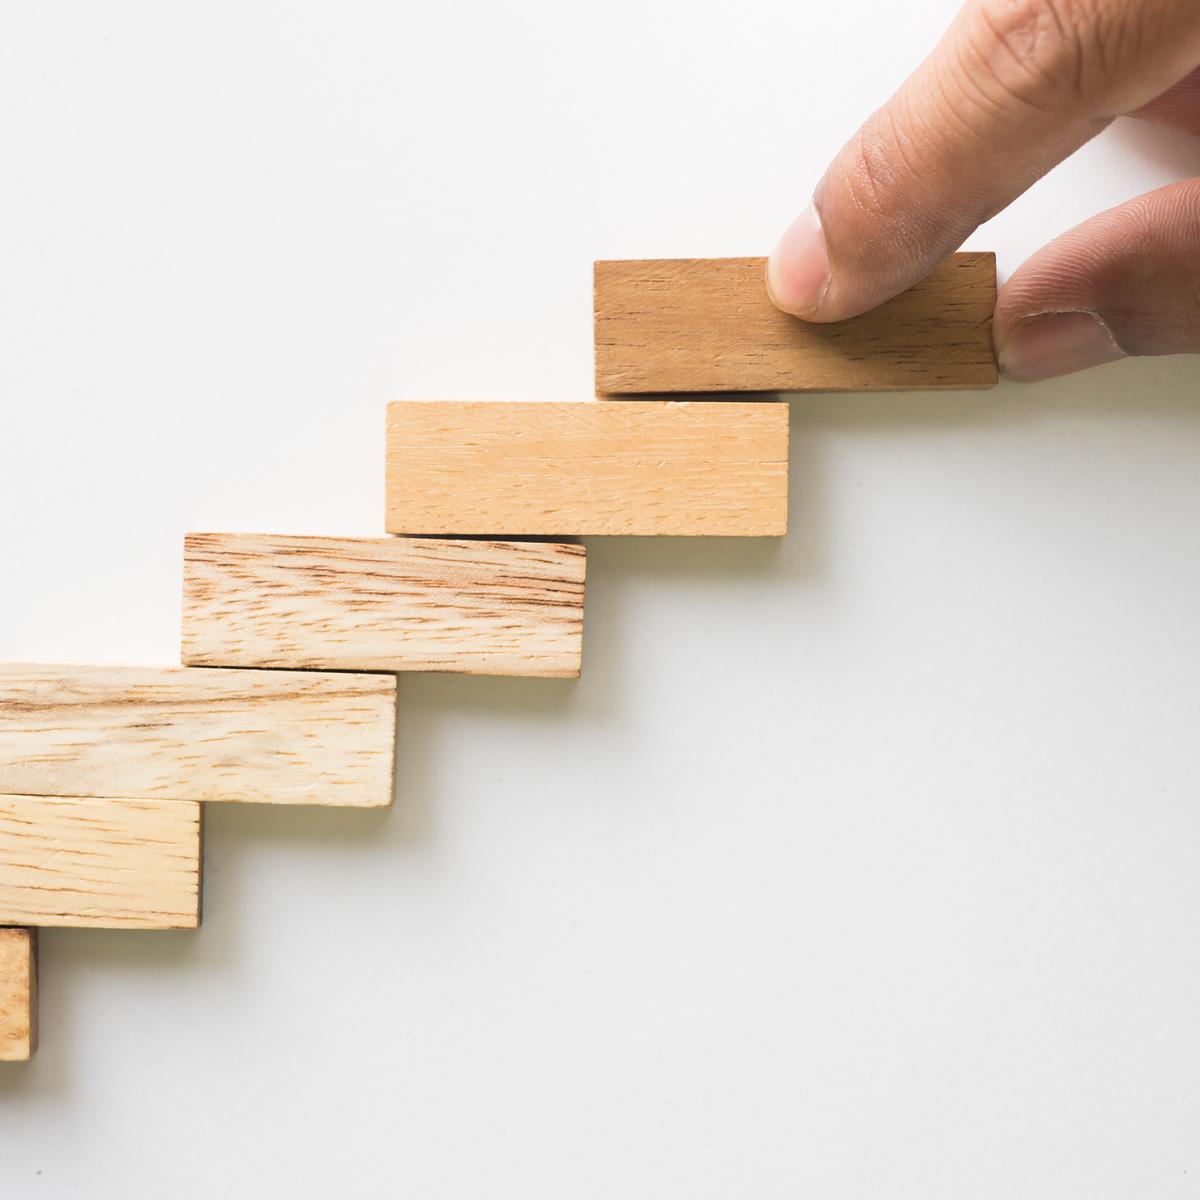 escalier fait en pièces de bois, une main ajoute une marche